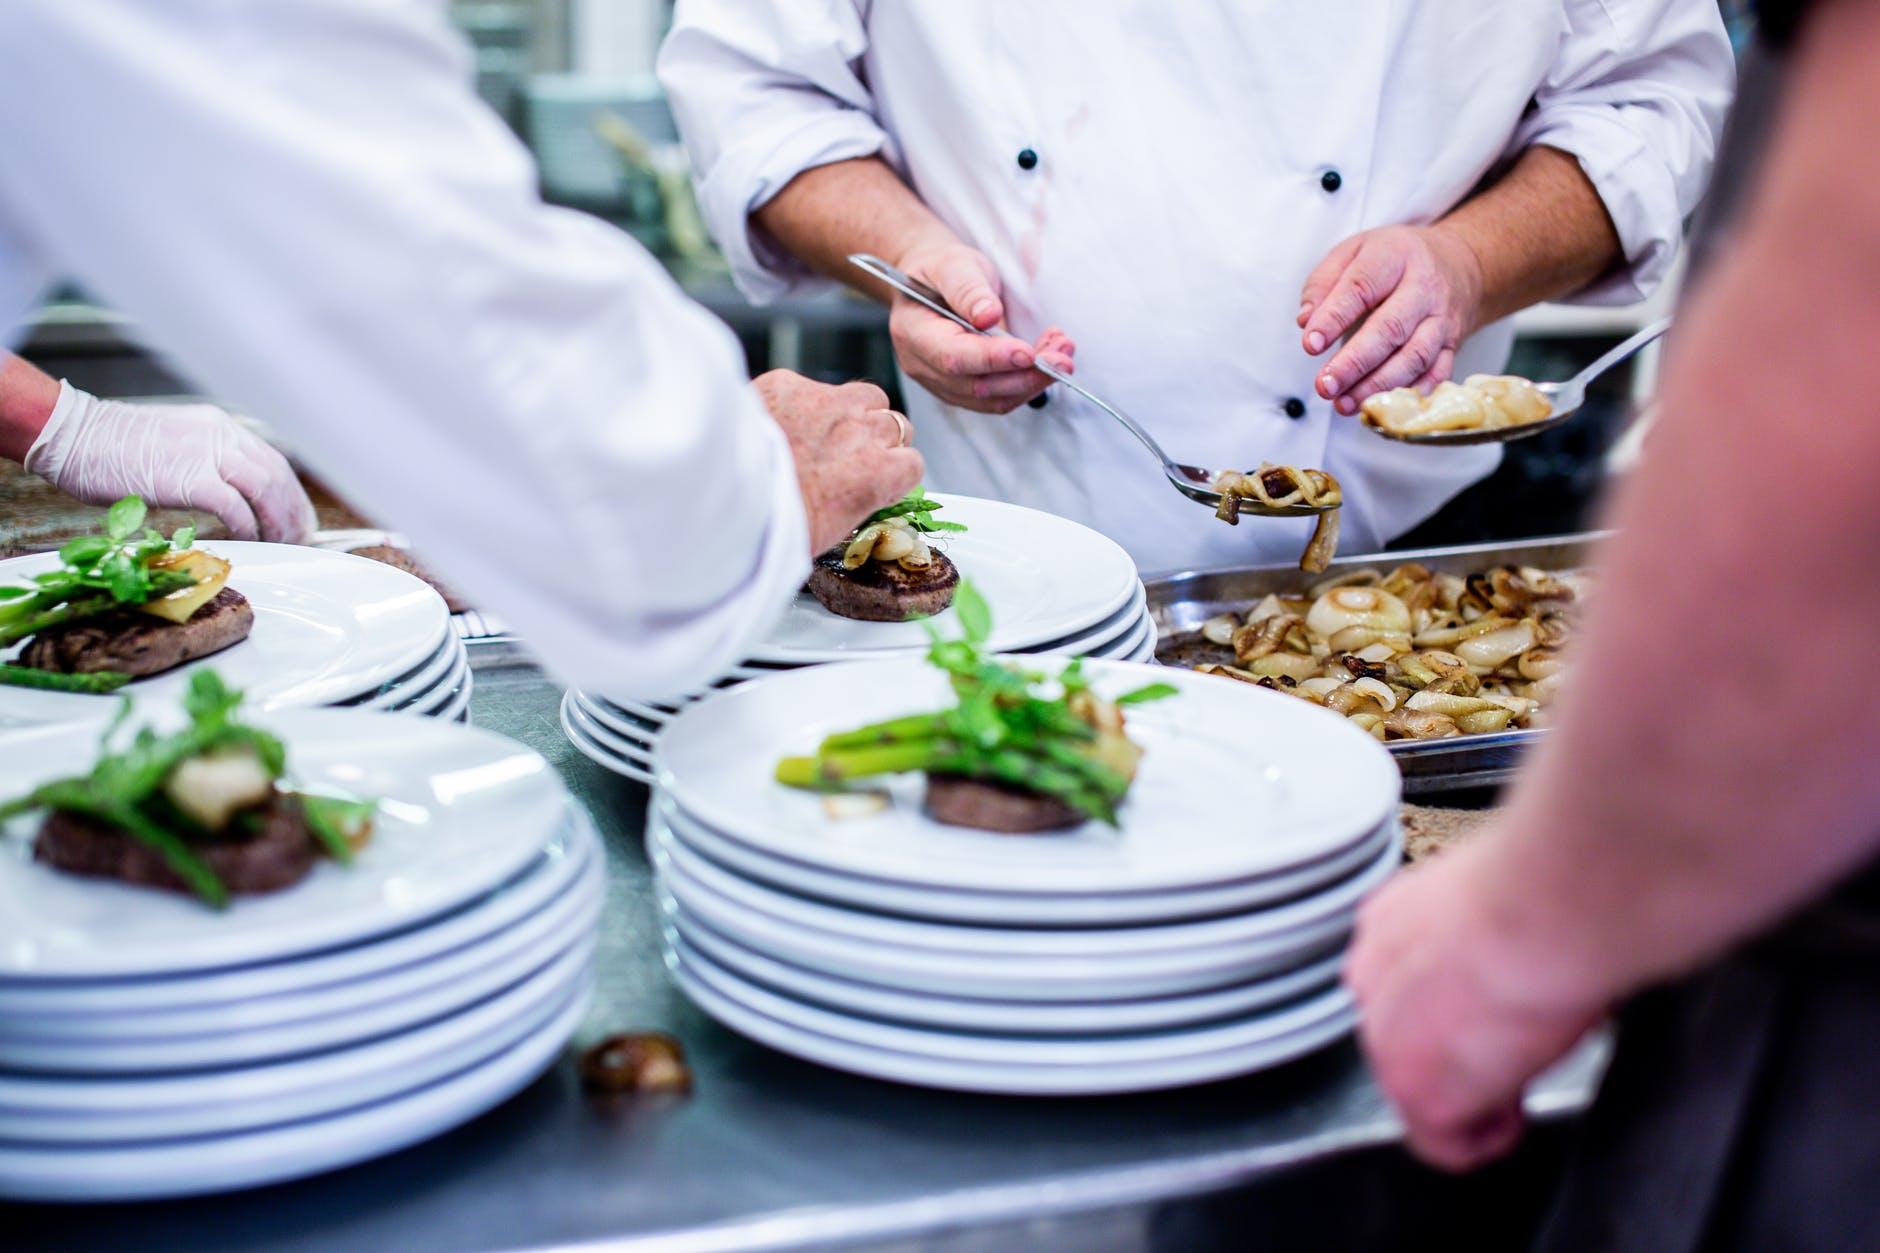 Idealny strój dla szefa kuchni – naco zwrócić uwagę?